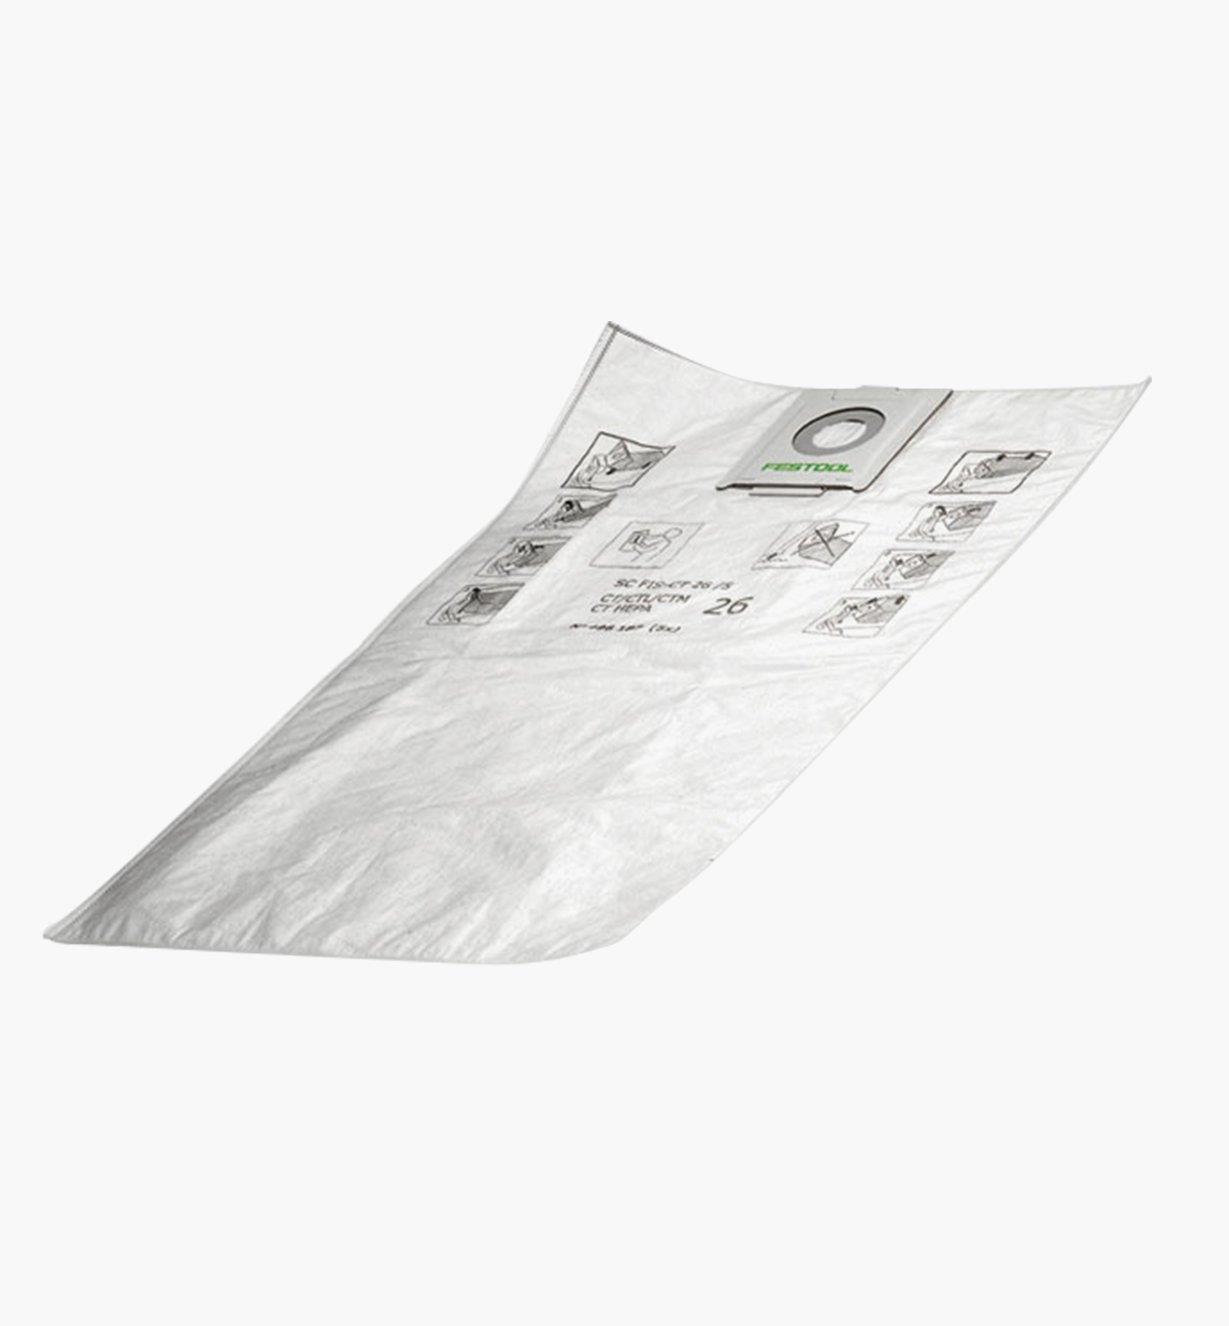 ZA500438 - Filter Bag CT Sys, pkg. of 5